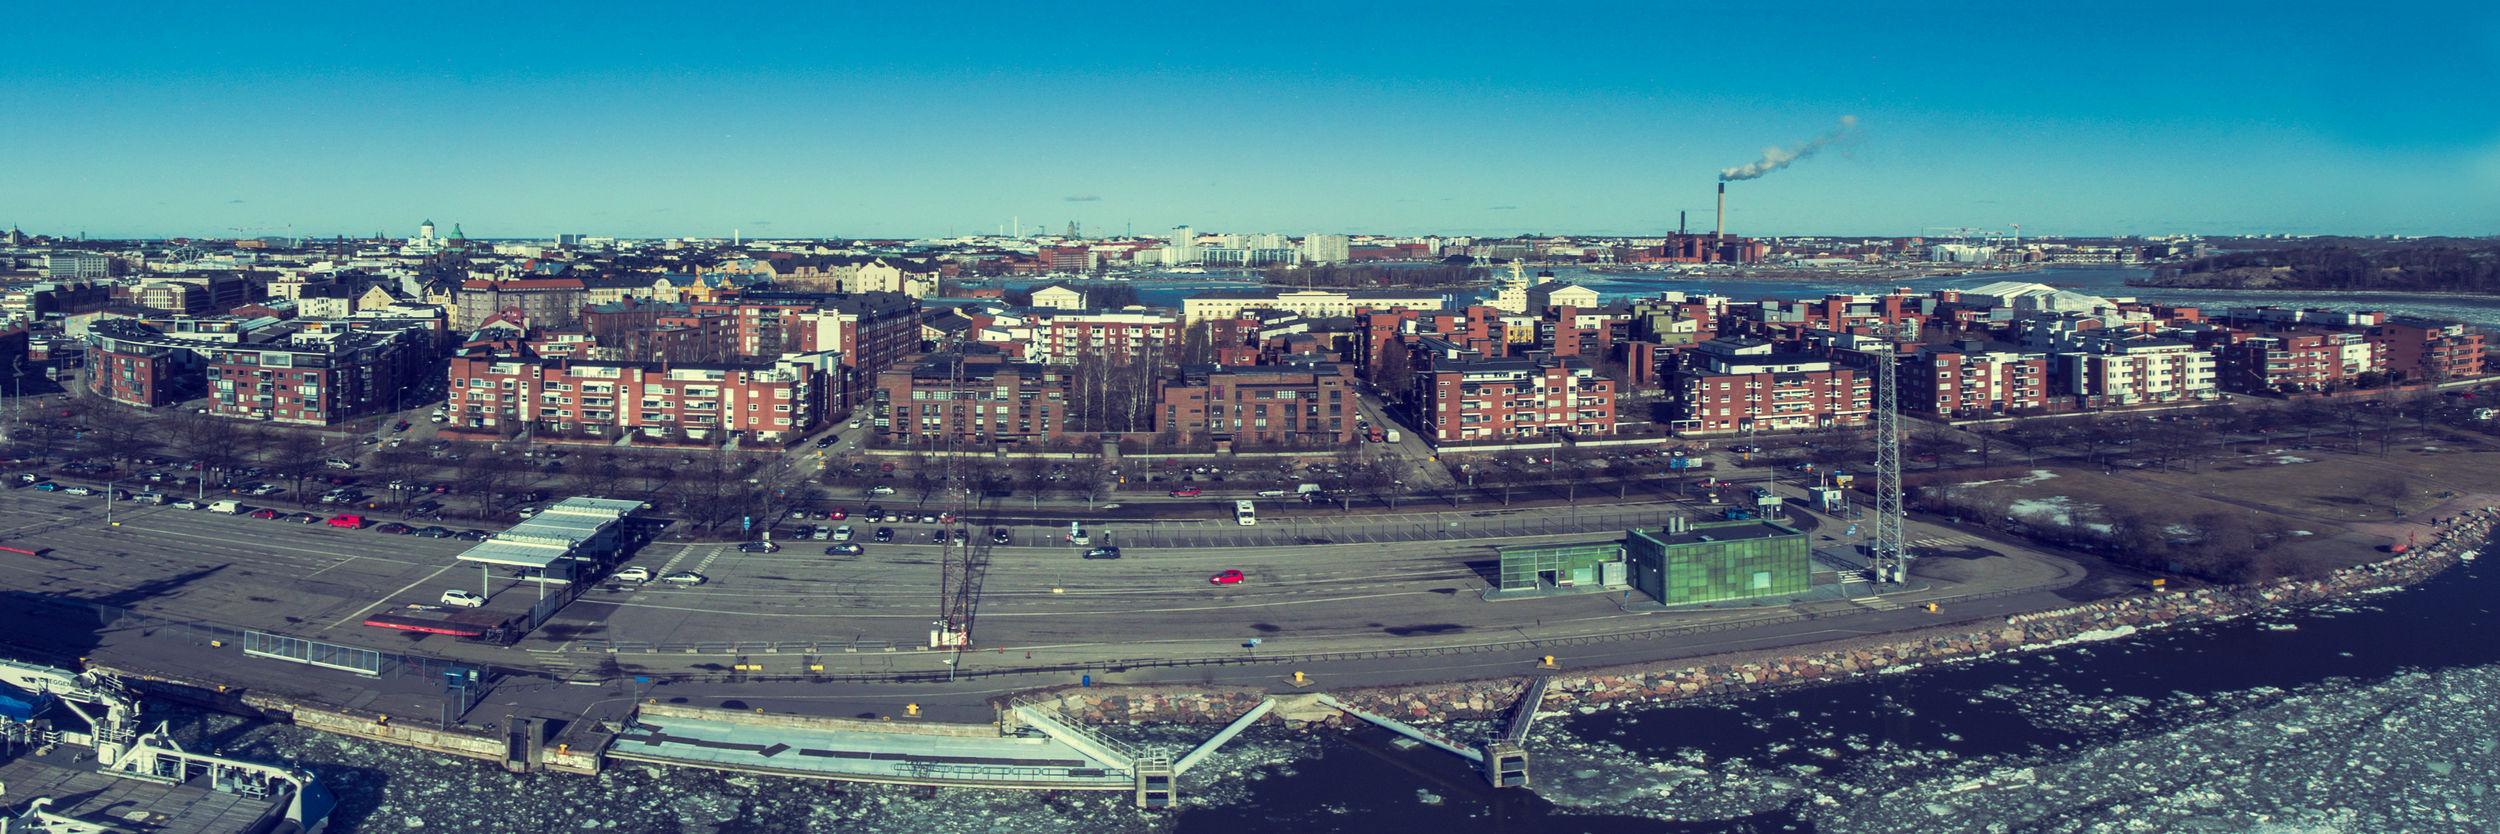 Panorama photo of Katajanokka district in Finland. Aerial Photography Aerial View Aero Cityscape District Dronephotography Finland Harbour Helsinki Ice Ilmakuva Katajanokka Kaupunki Panorama Suomi Suomi100 Terminal Winter First Eyeem Photo